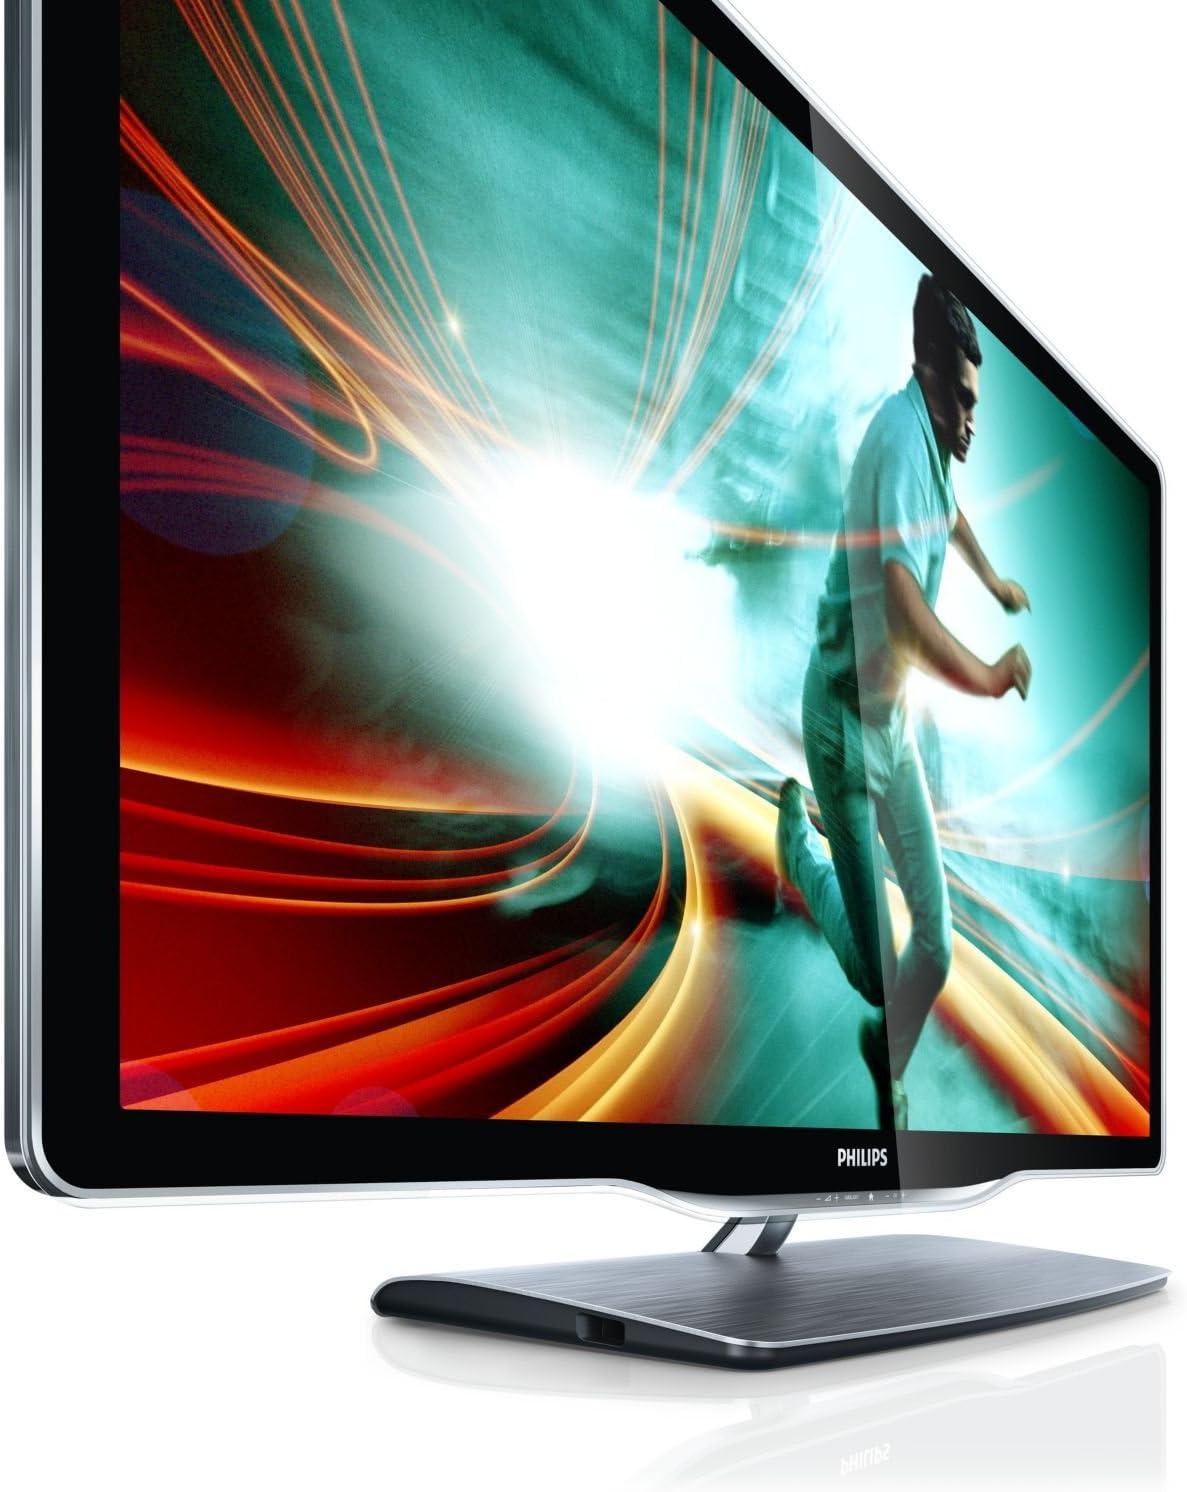 Philips 46PFL8606K/02 - Televisión LED de 46 pulgadas Full HD (300 Hz): Amazon.es: Electrónica